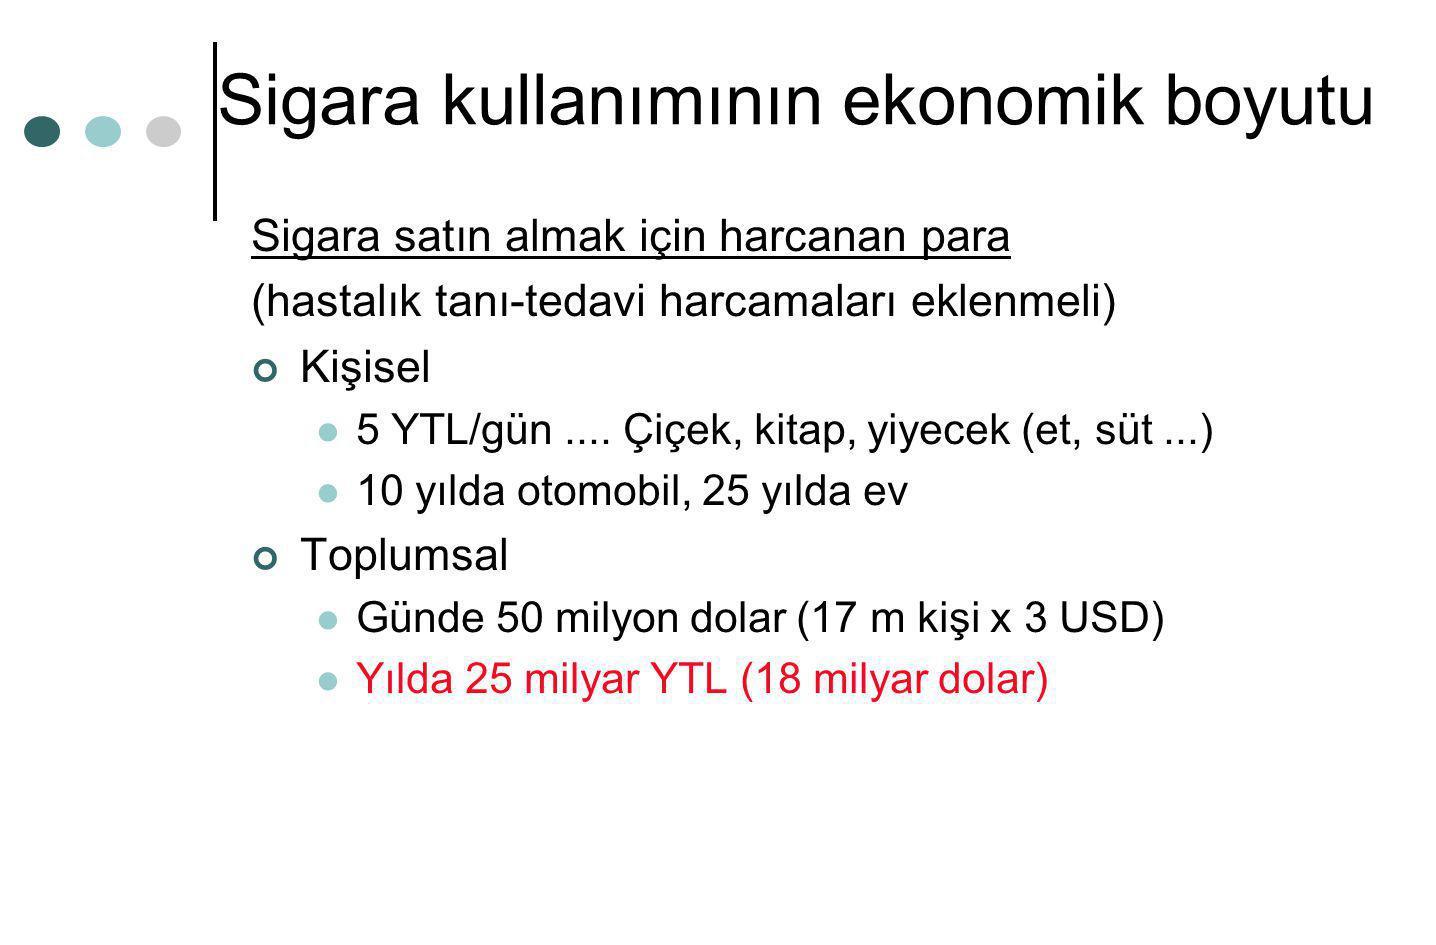 Sigara kullanımının ekonomik boyutu Sigara satın almak için harcanan para (hastalık tanı-tedavi harcamaları eklenmeli) Kişisel  5 YTL/gün.... Çiçek,